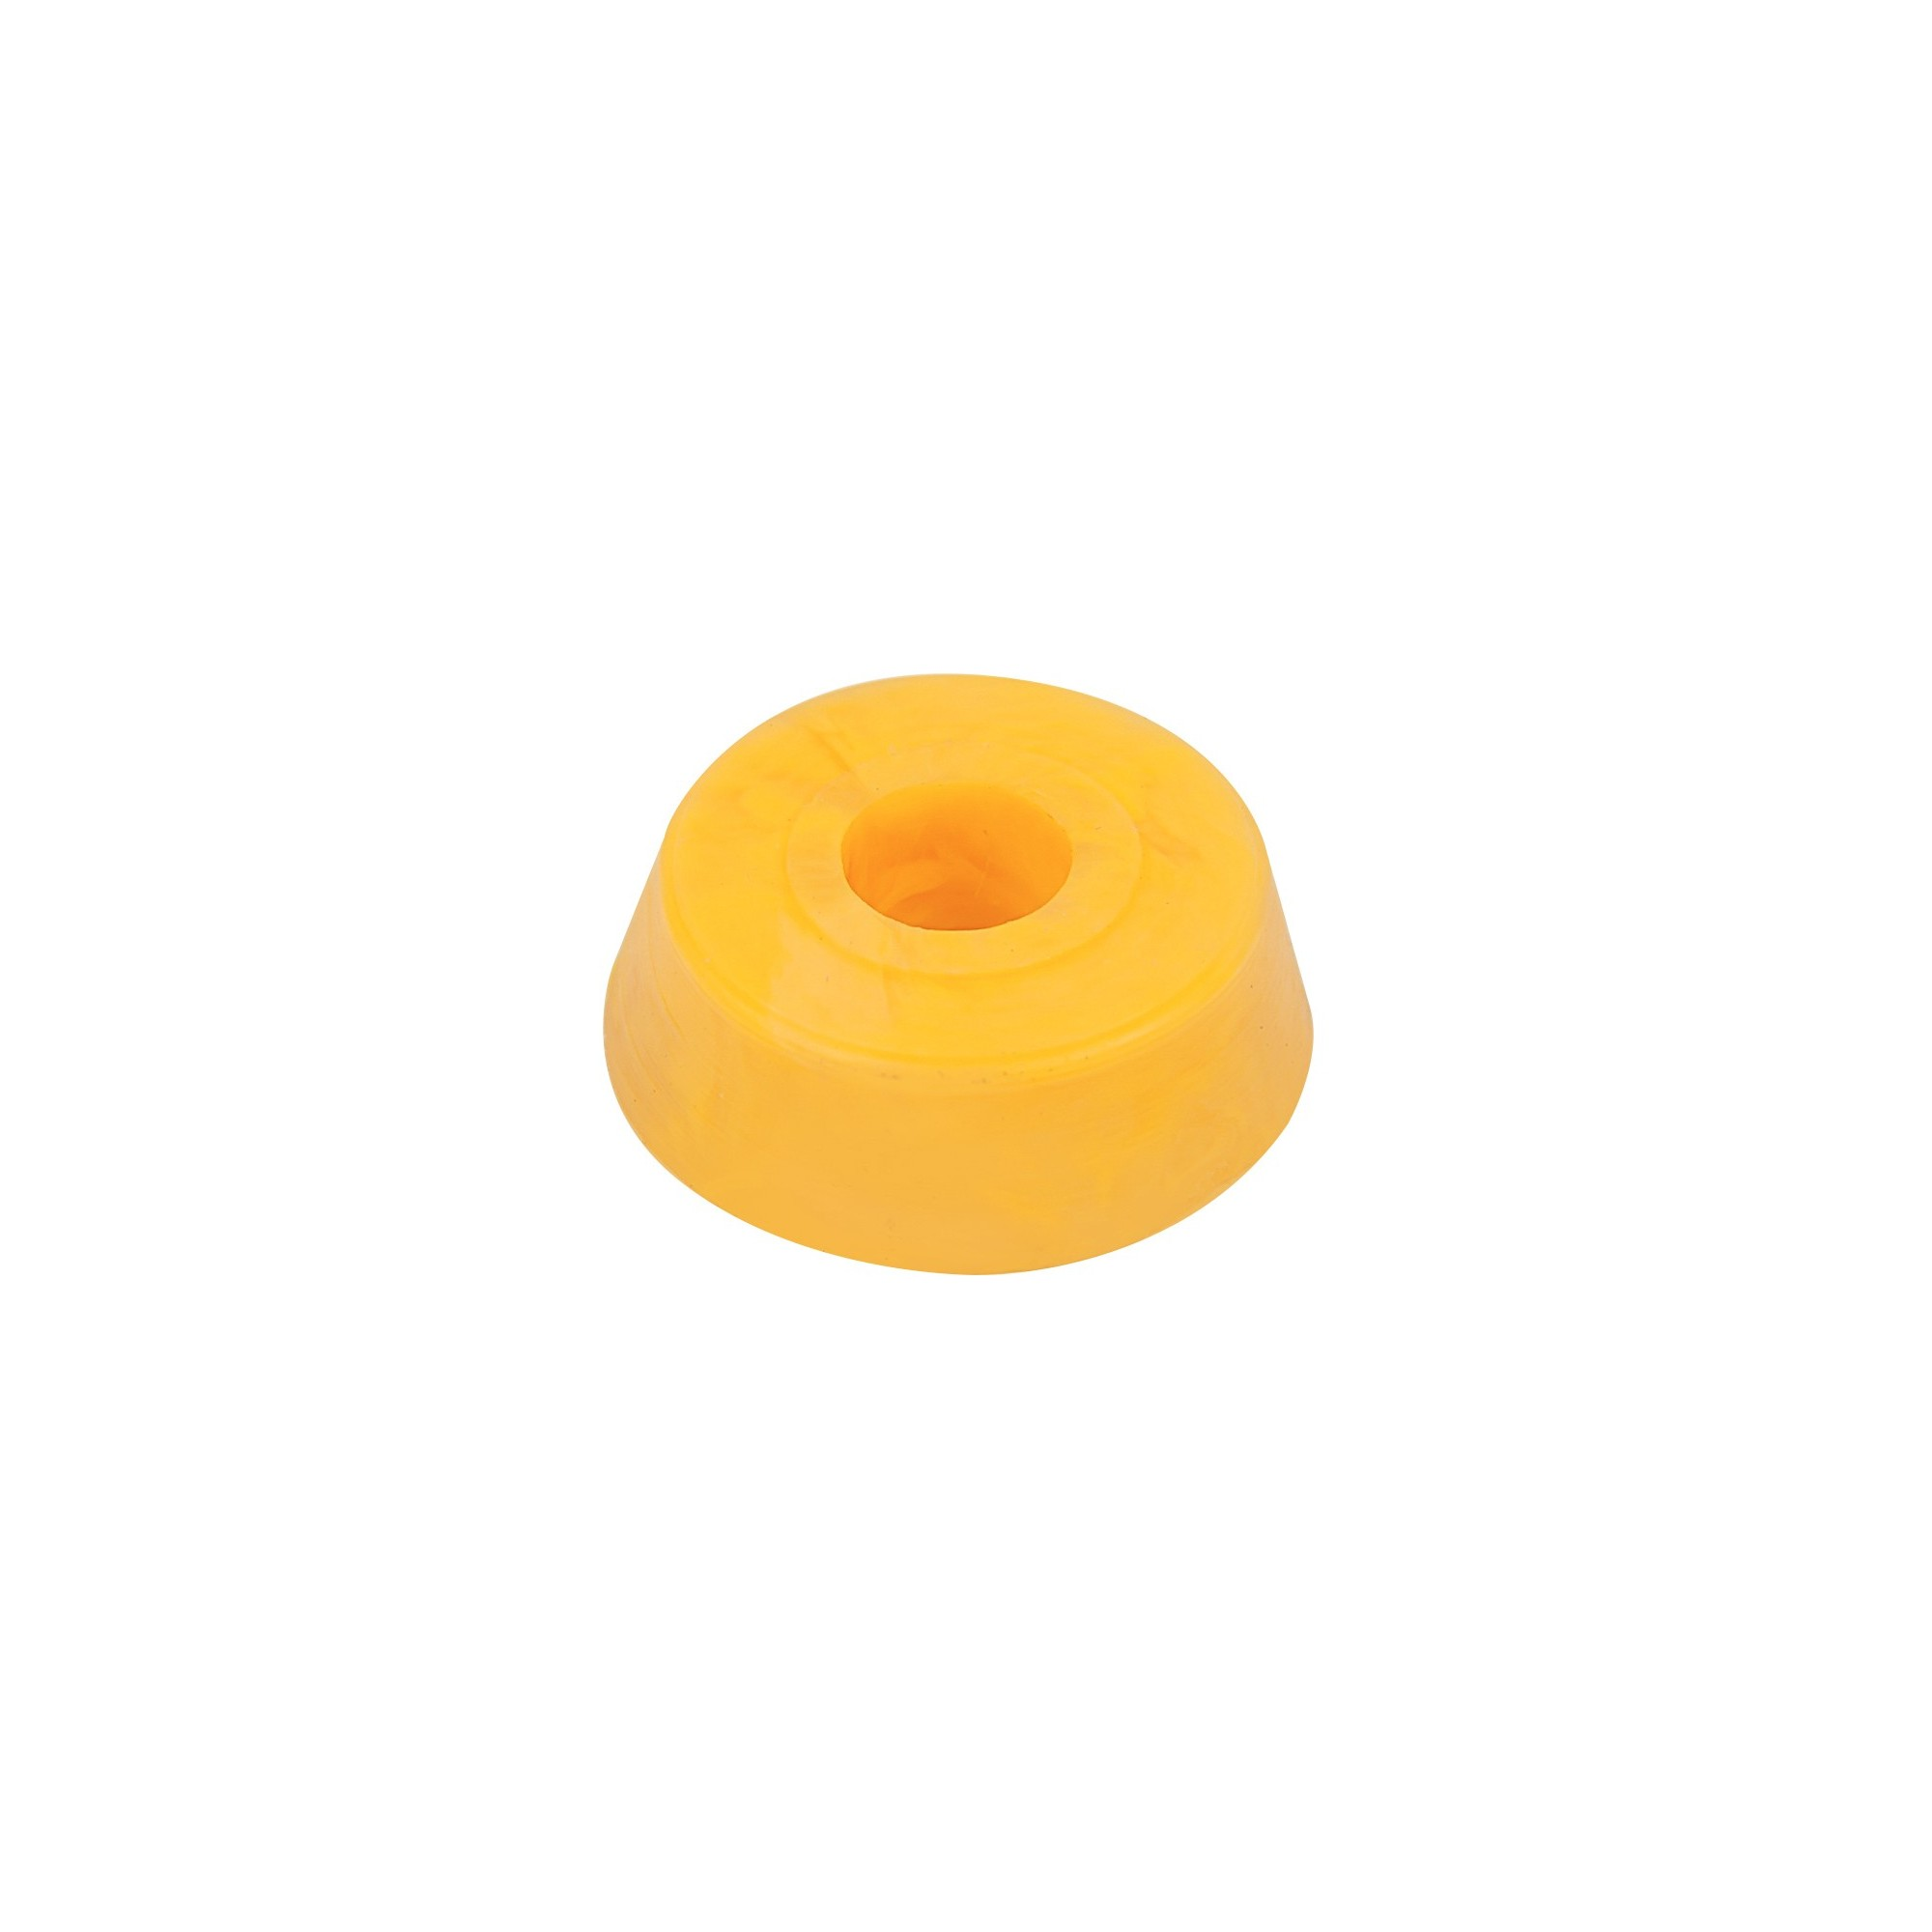 Упаковка конусных прокладок 10 шт М-8 на болт крепления бачка  - 1